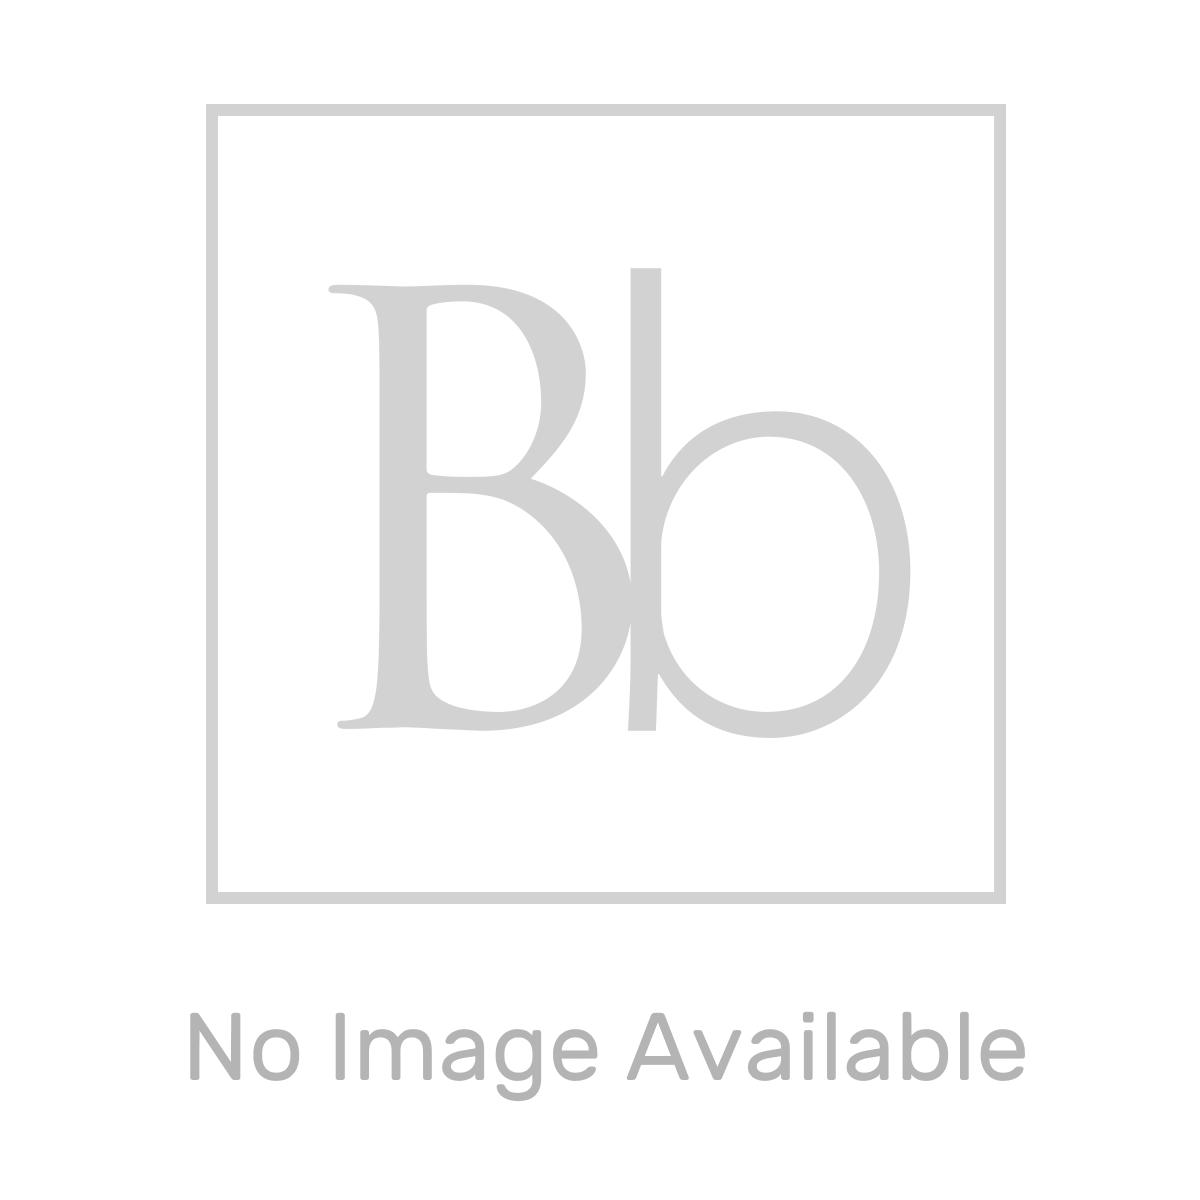 BTL Perla Matt Grey 2 Drawer Wall Hung Vanity Unit 600mm